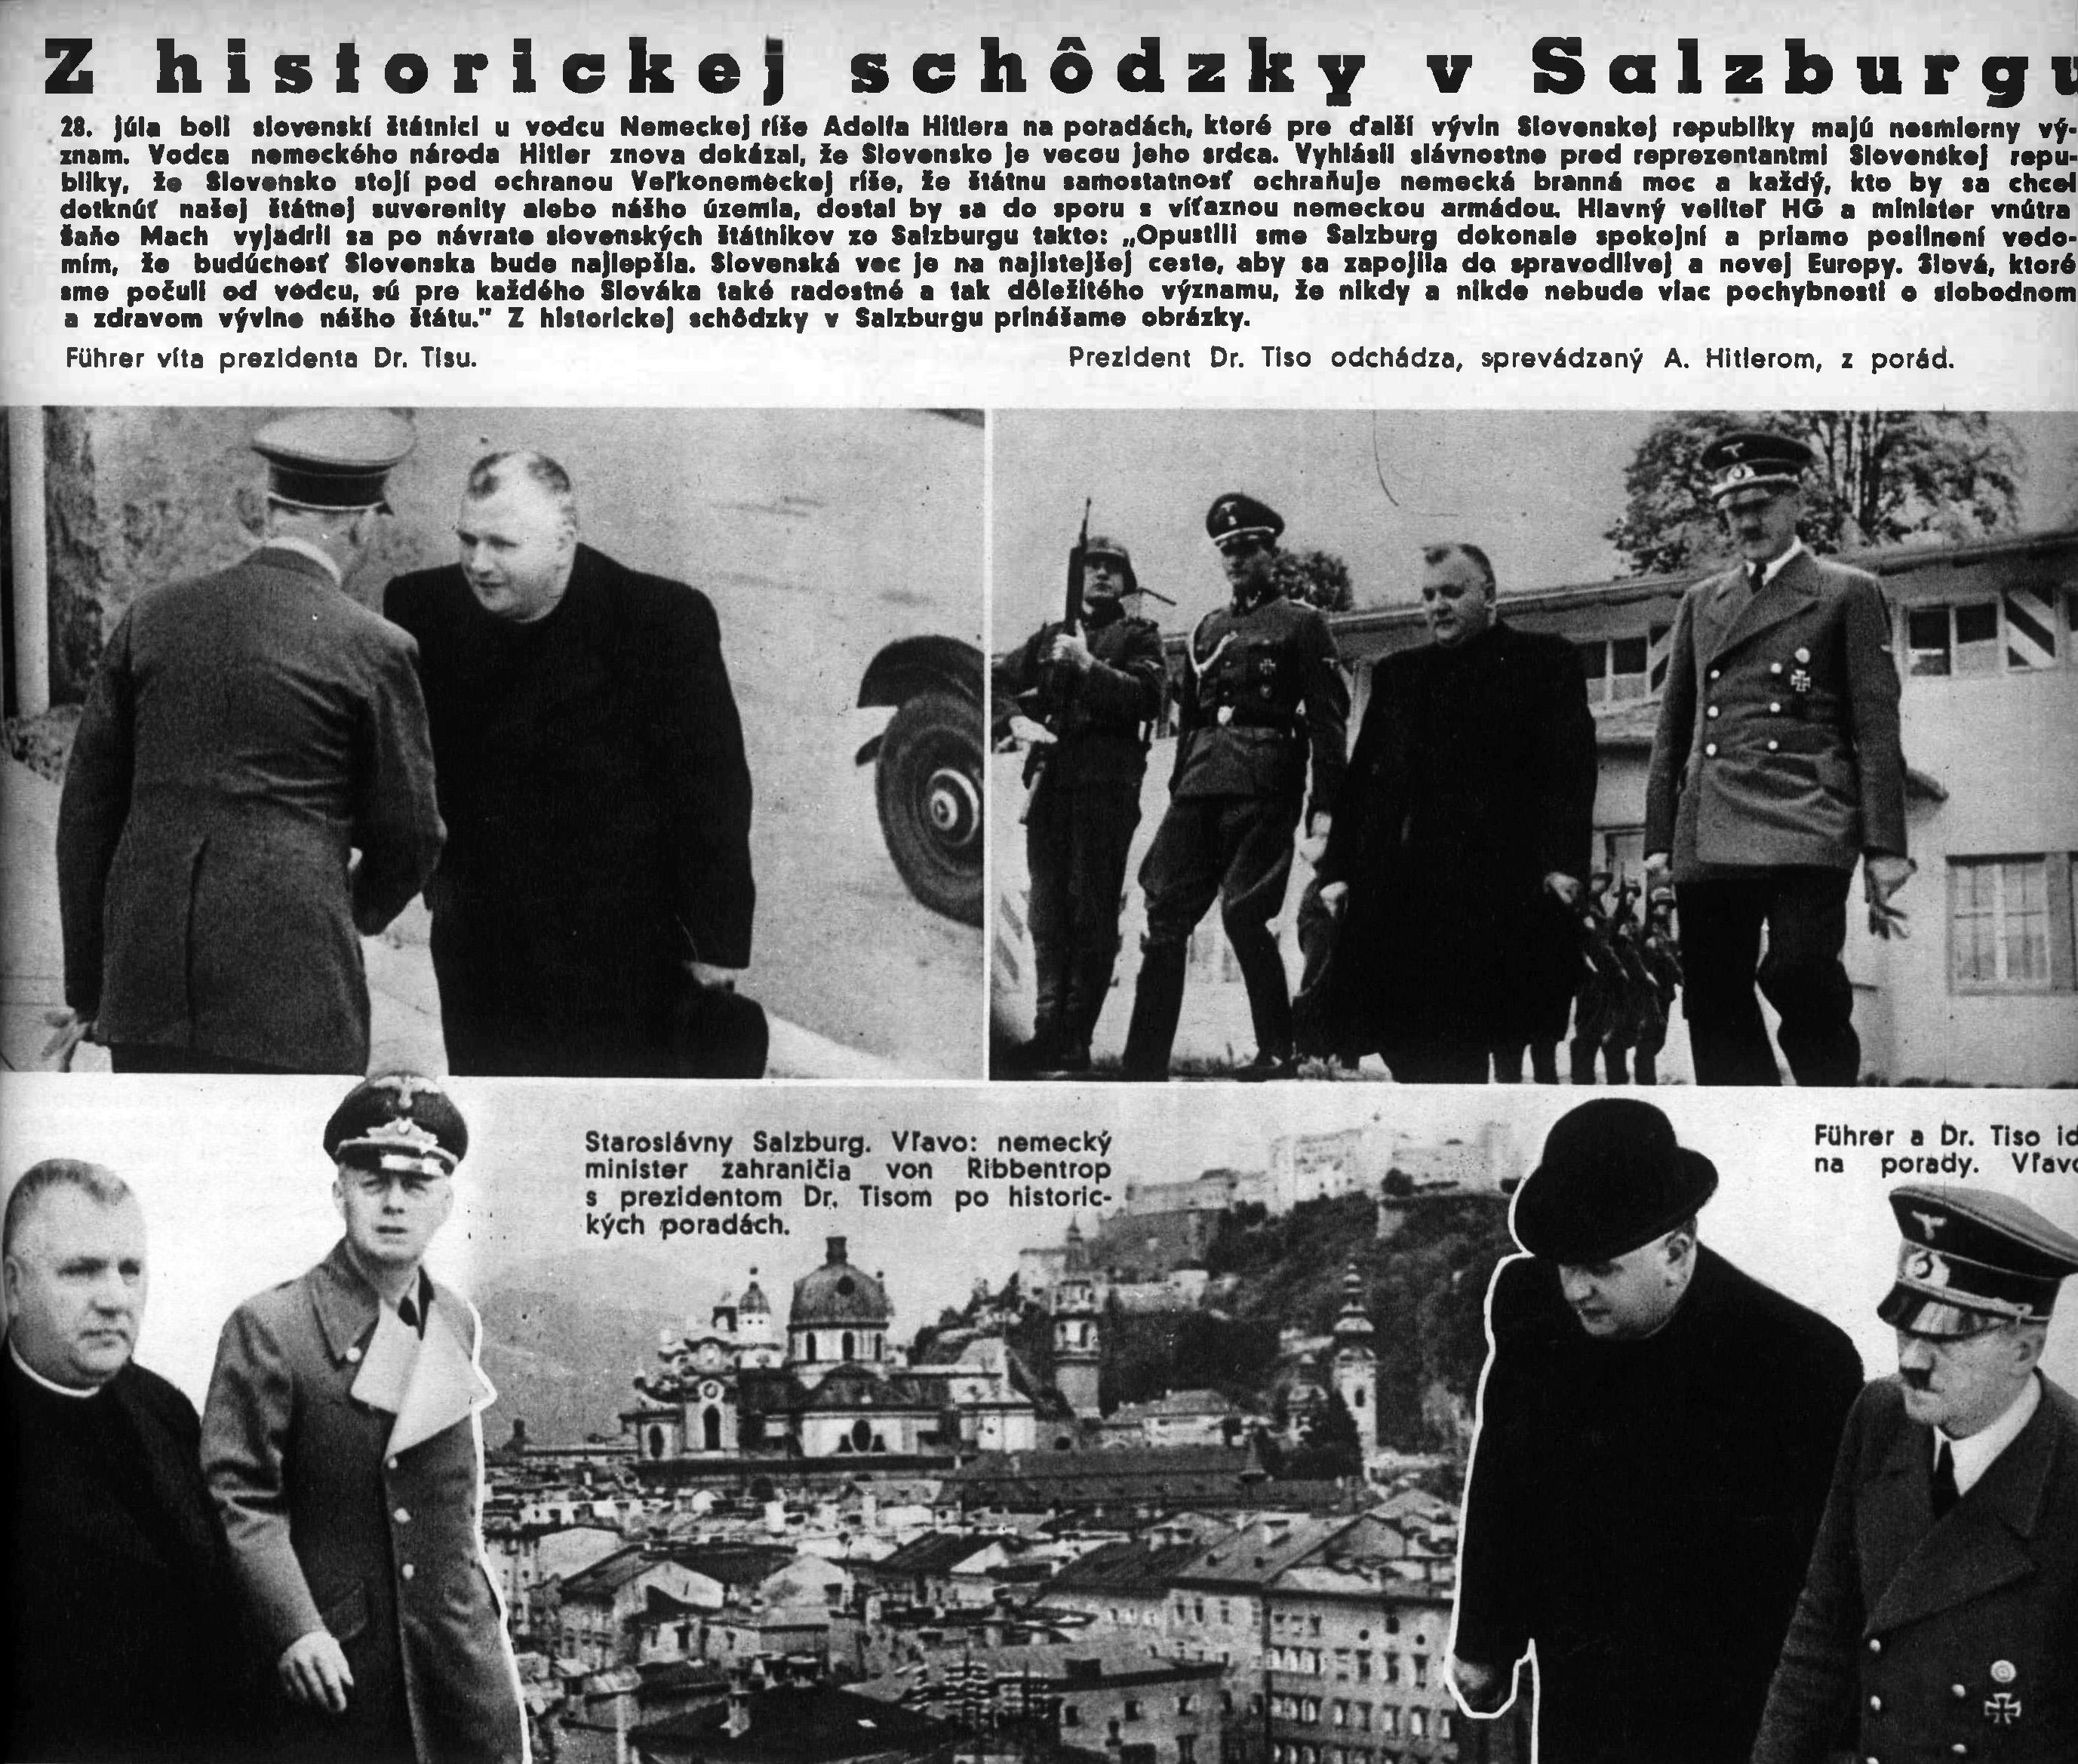 Z historickej schôdzky v Salzburgu, koláž z časopisu Nový Svet, 17.08.1940, Univerzitná knižnica v Bratislave